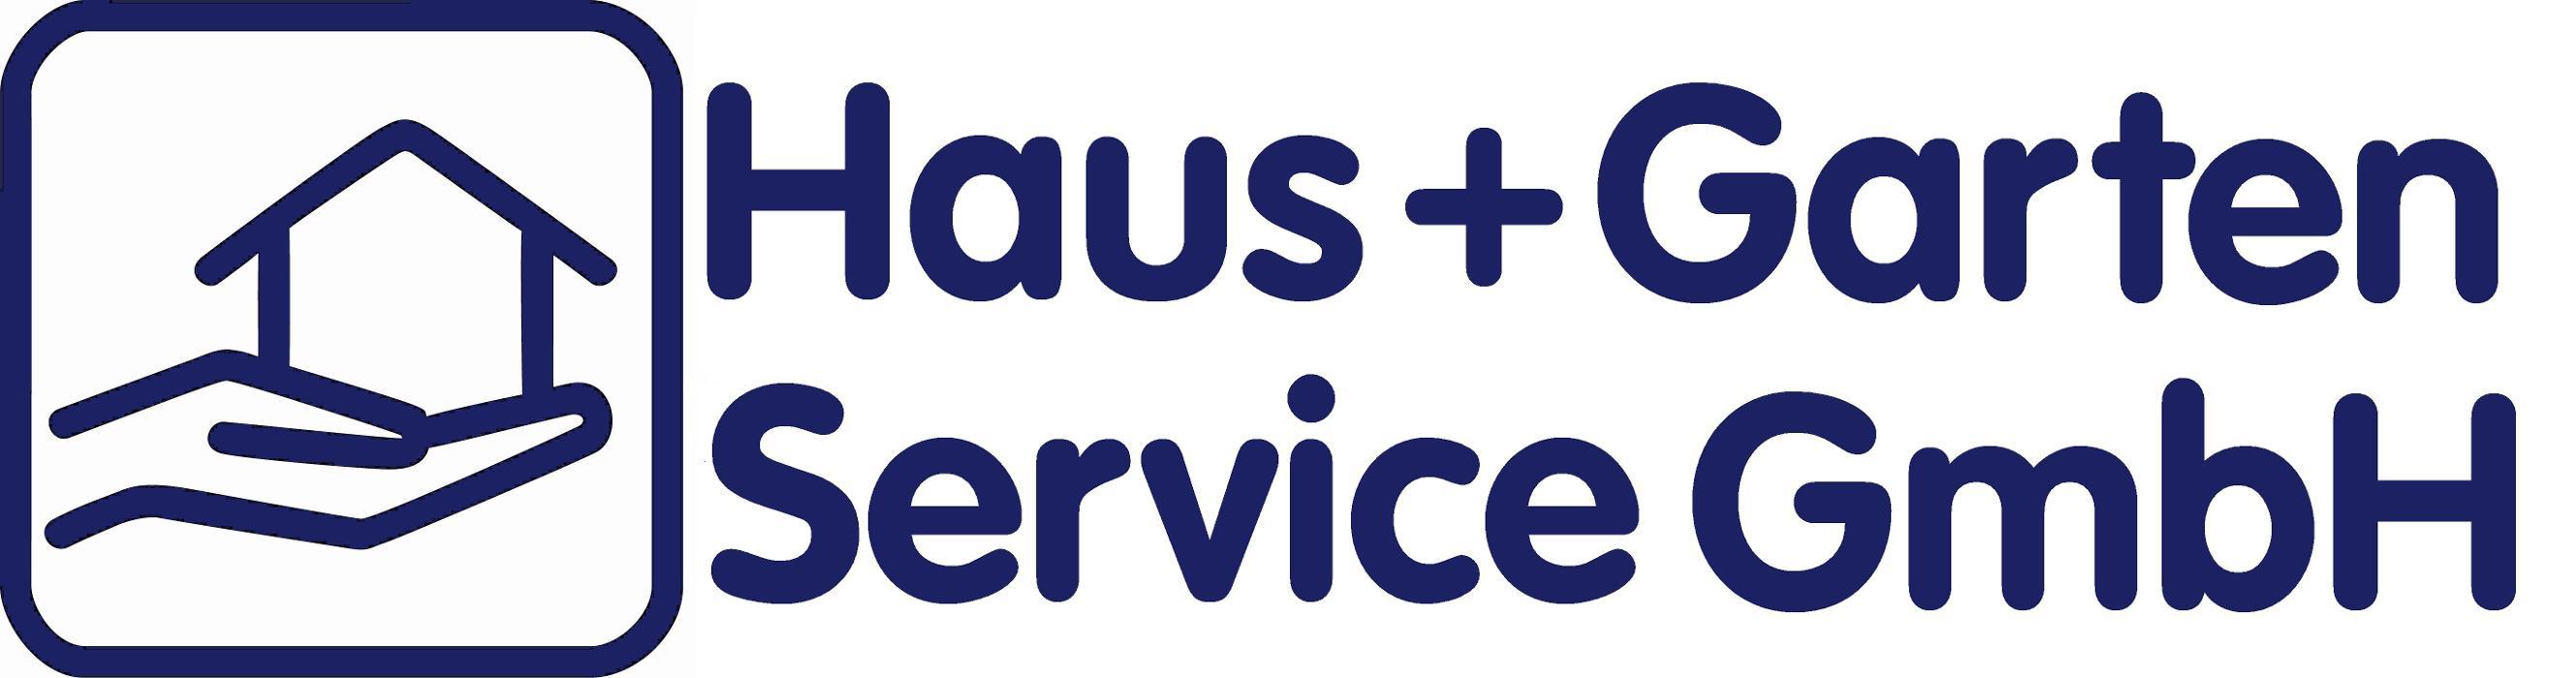 Bild zu Haus+Garten Service GmbH in Eggenstein Leopoldshafen